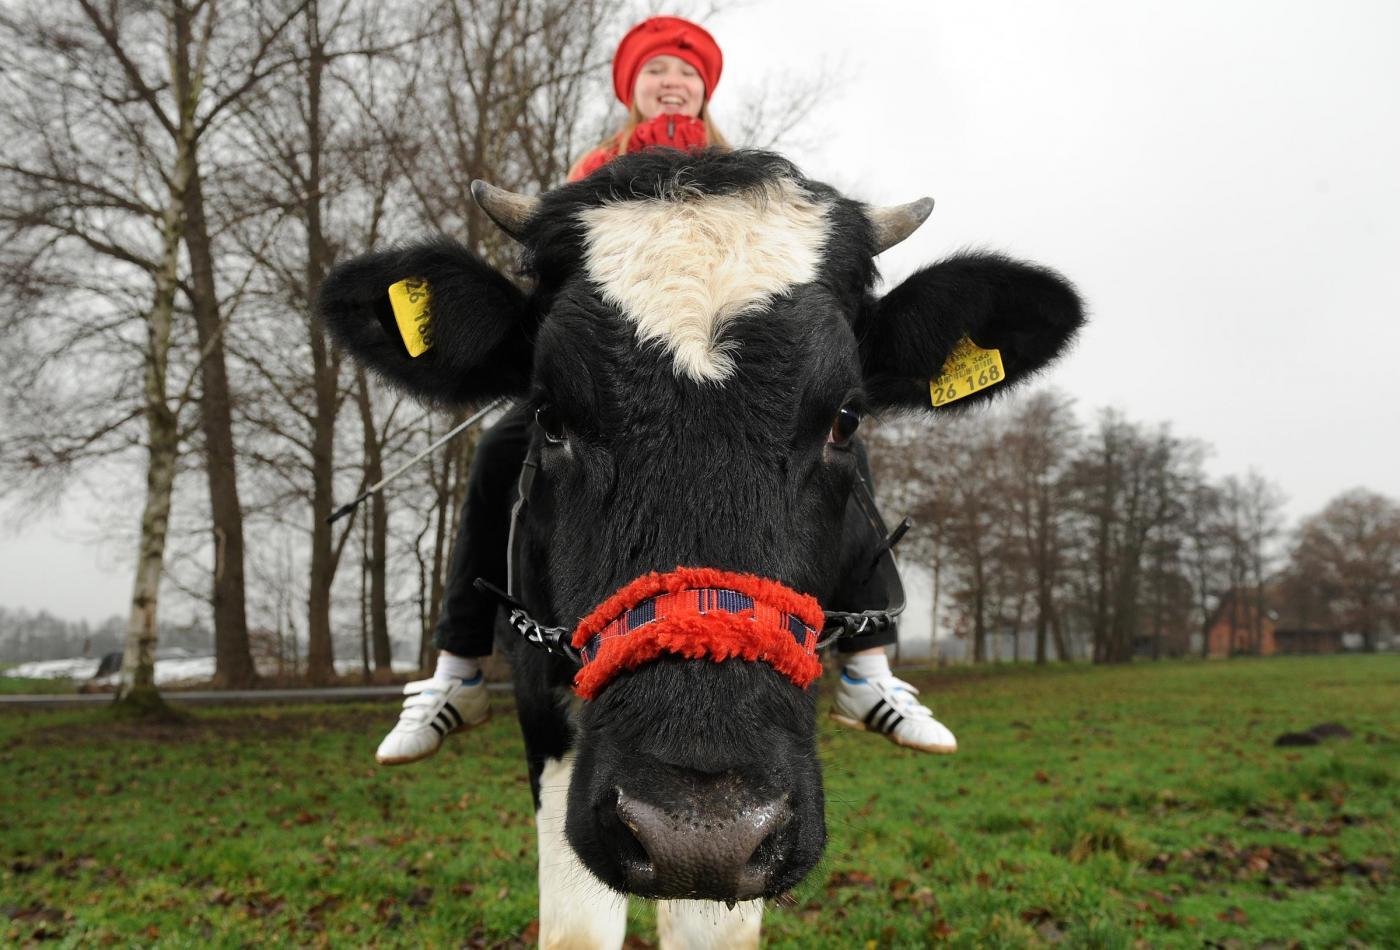 Germania, la ragazzina che a 12 anni cavalca la mucca03